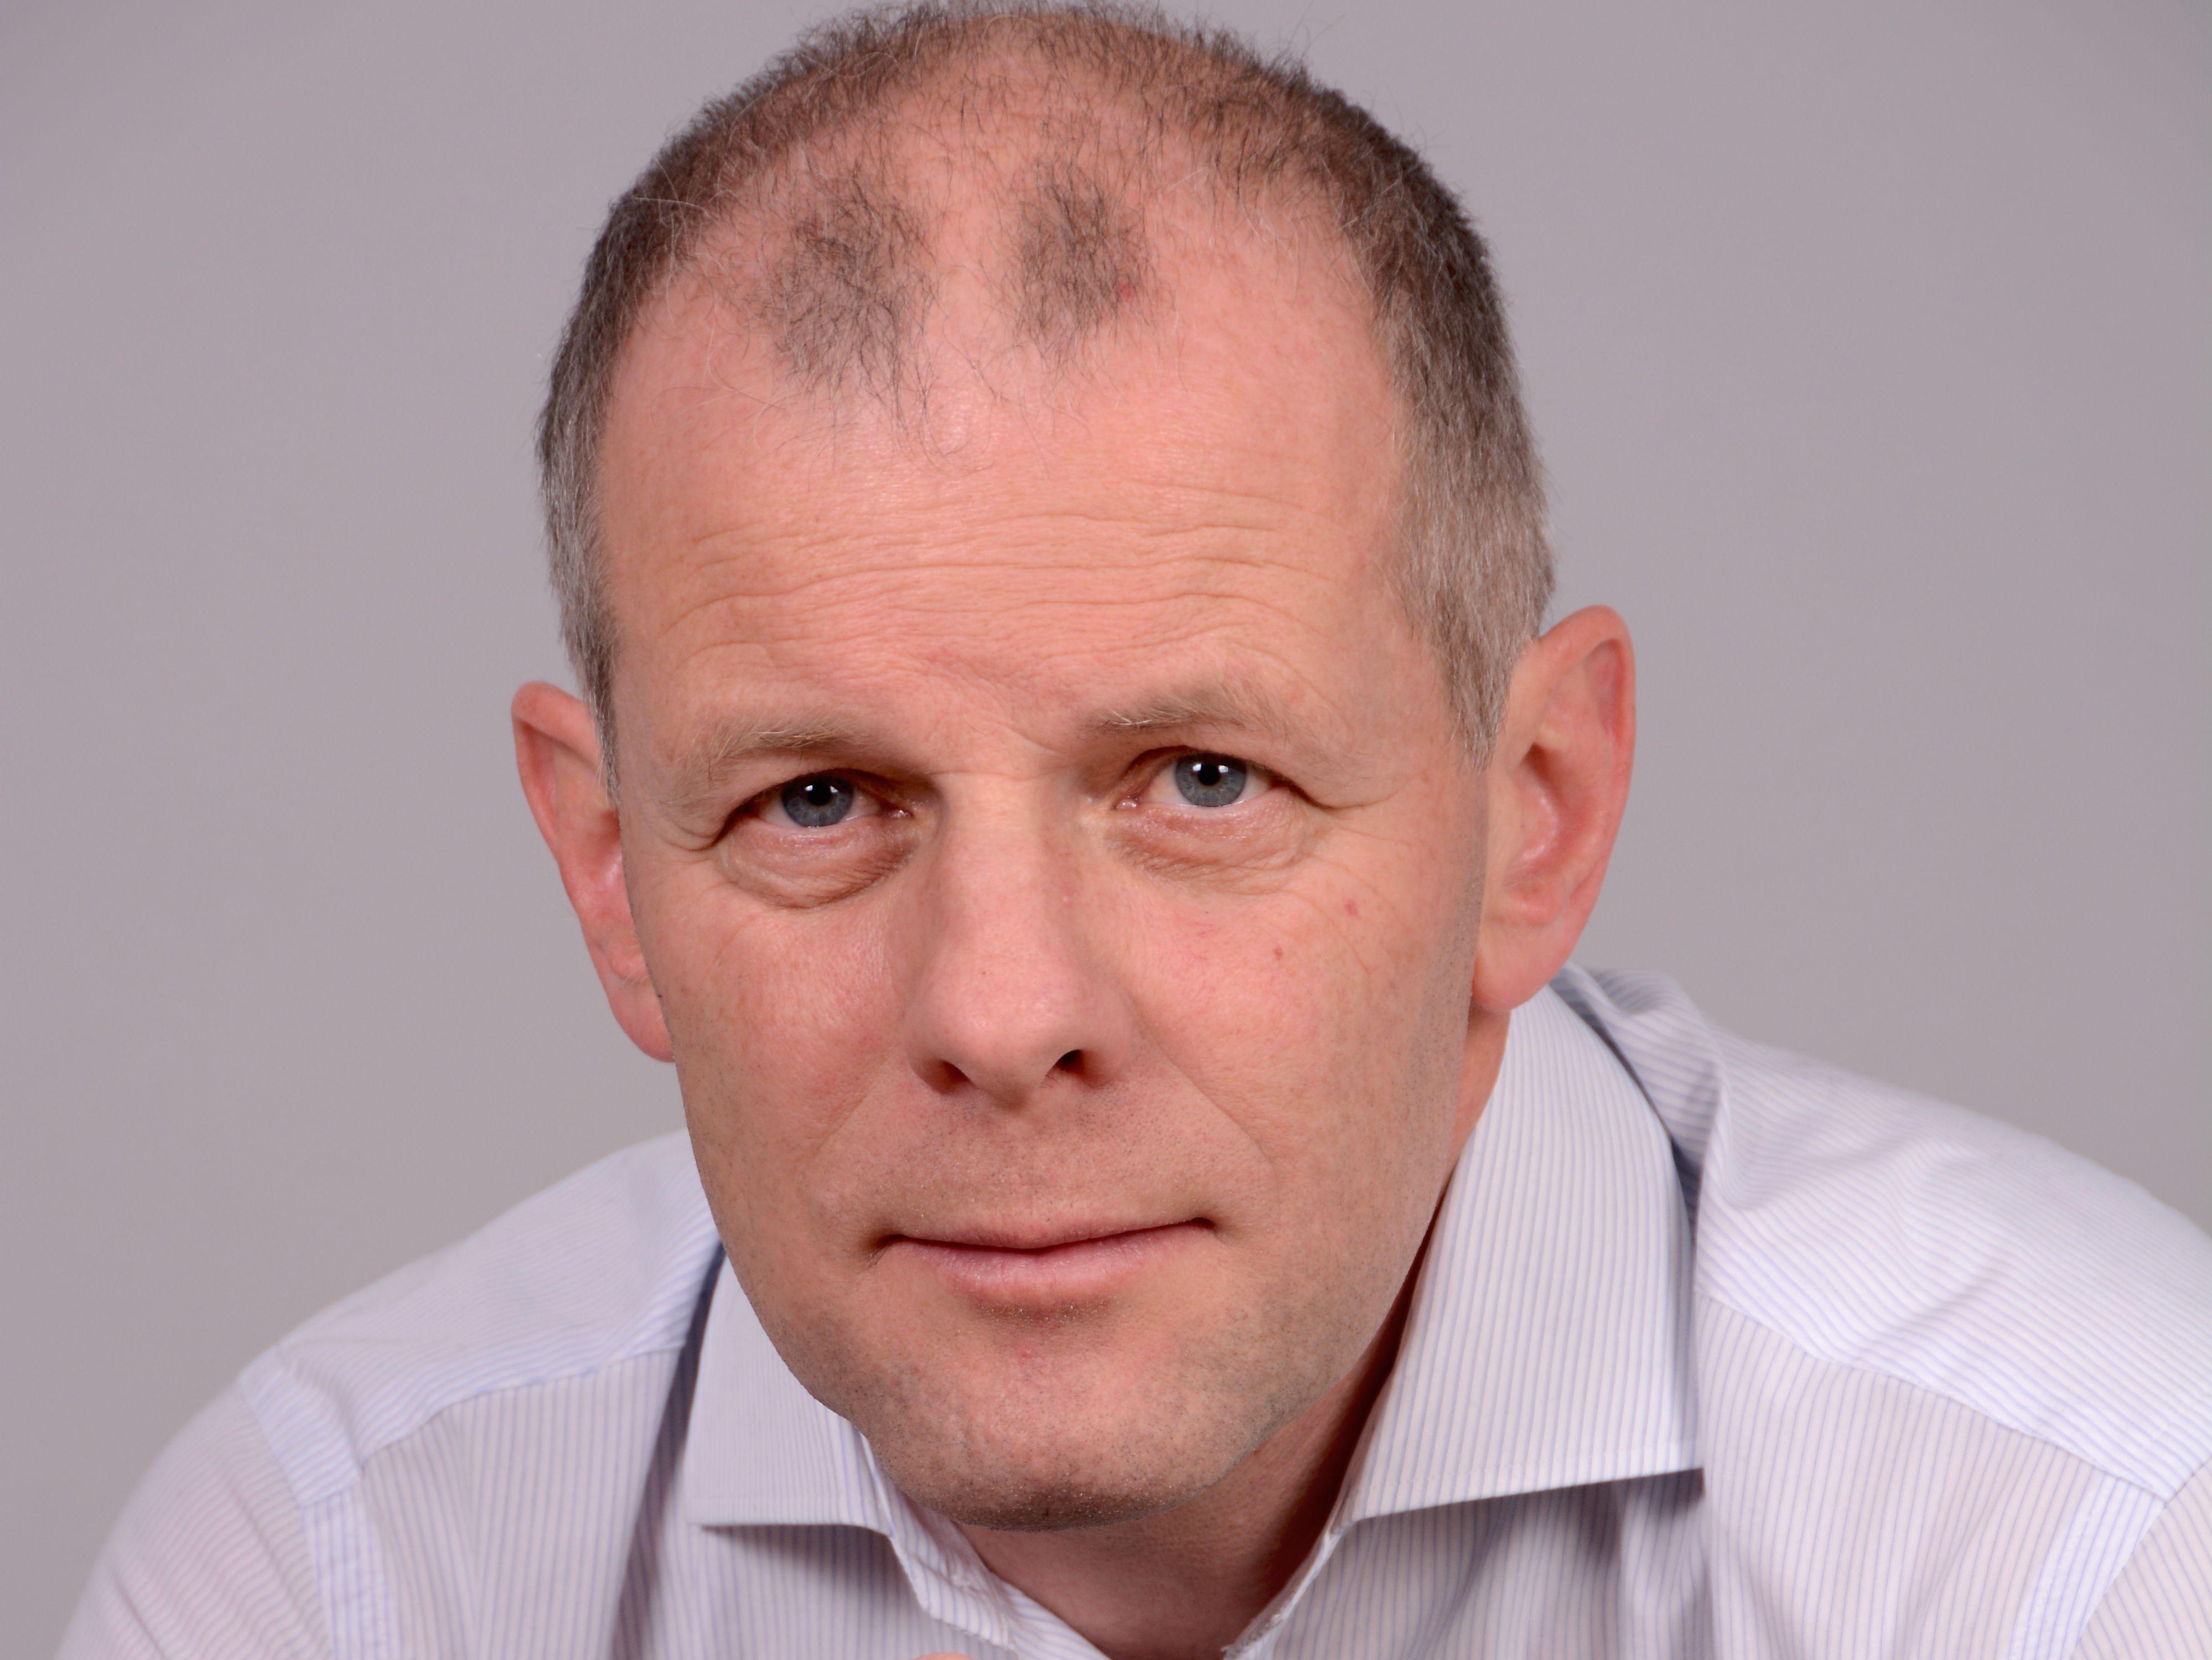 Robert Reinfuss, doradca biznesowy (Fot. mat. pras.)